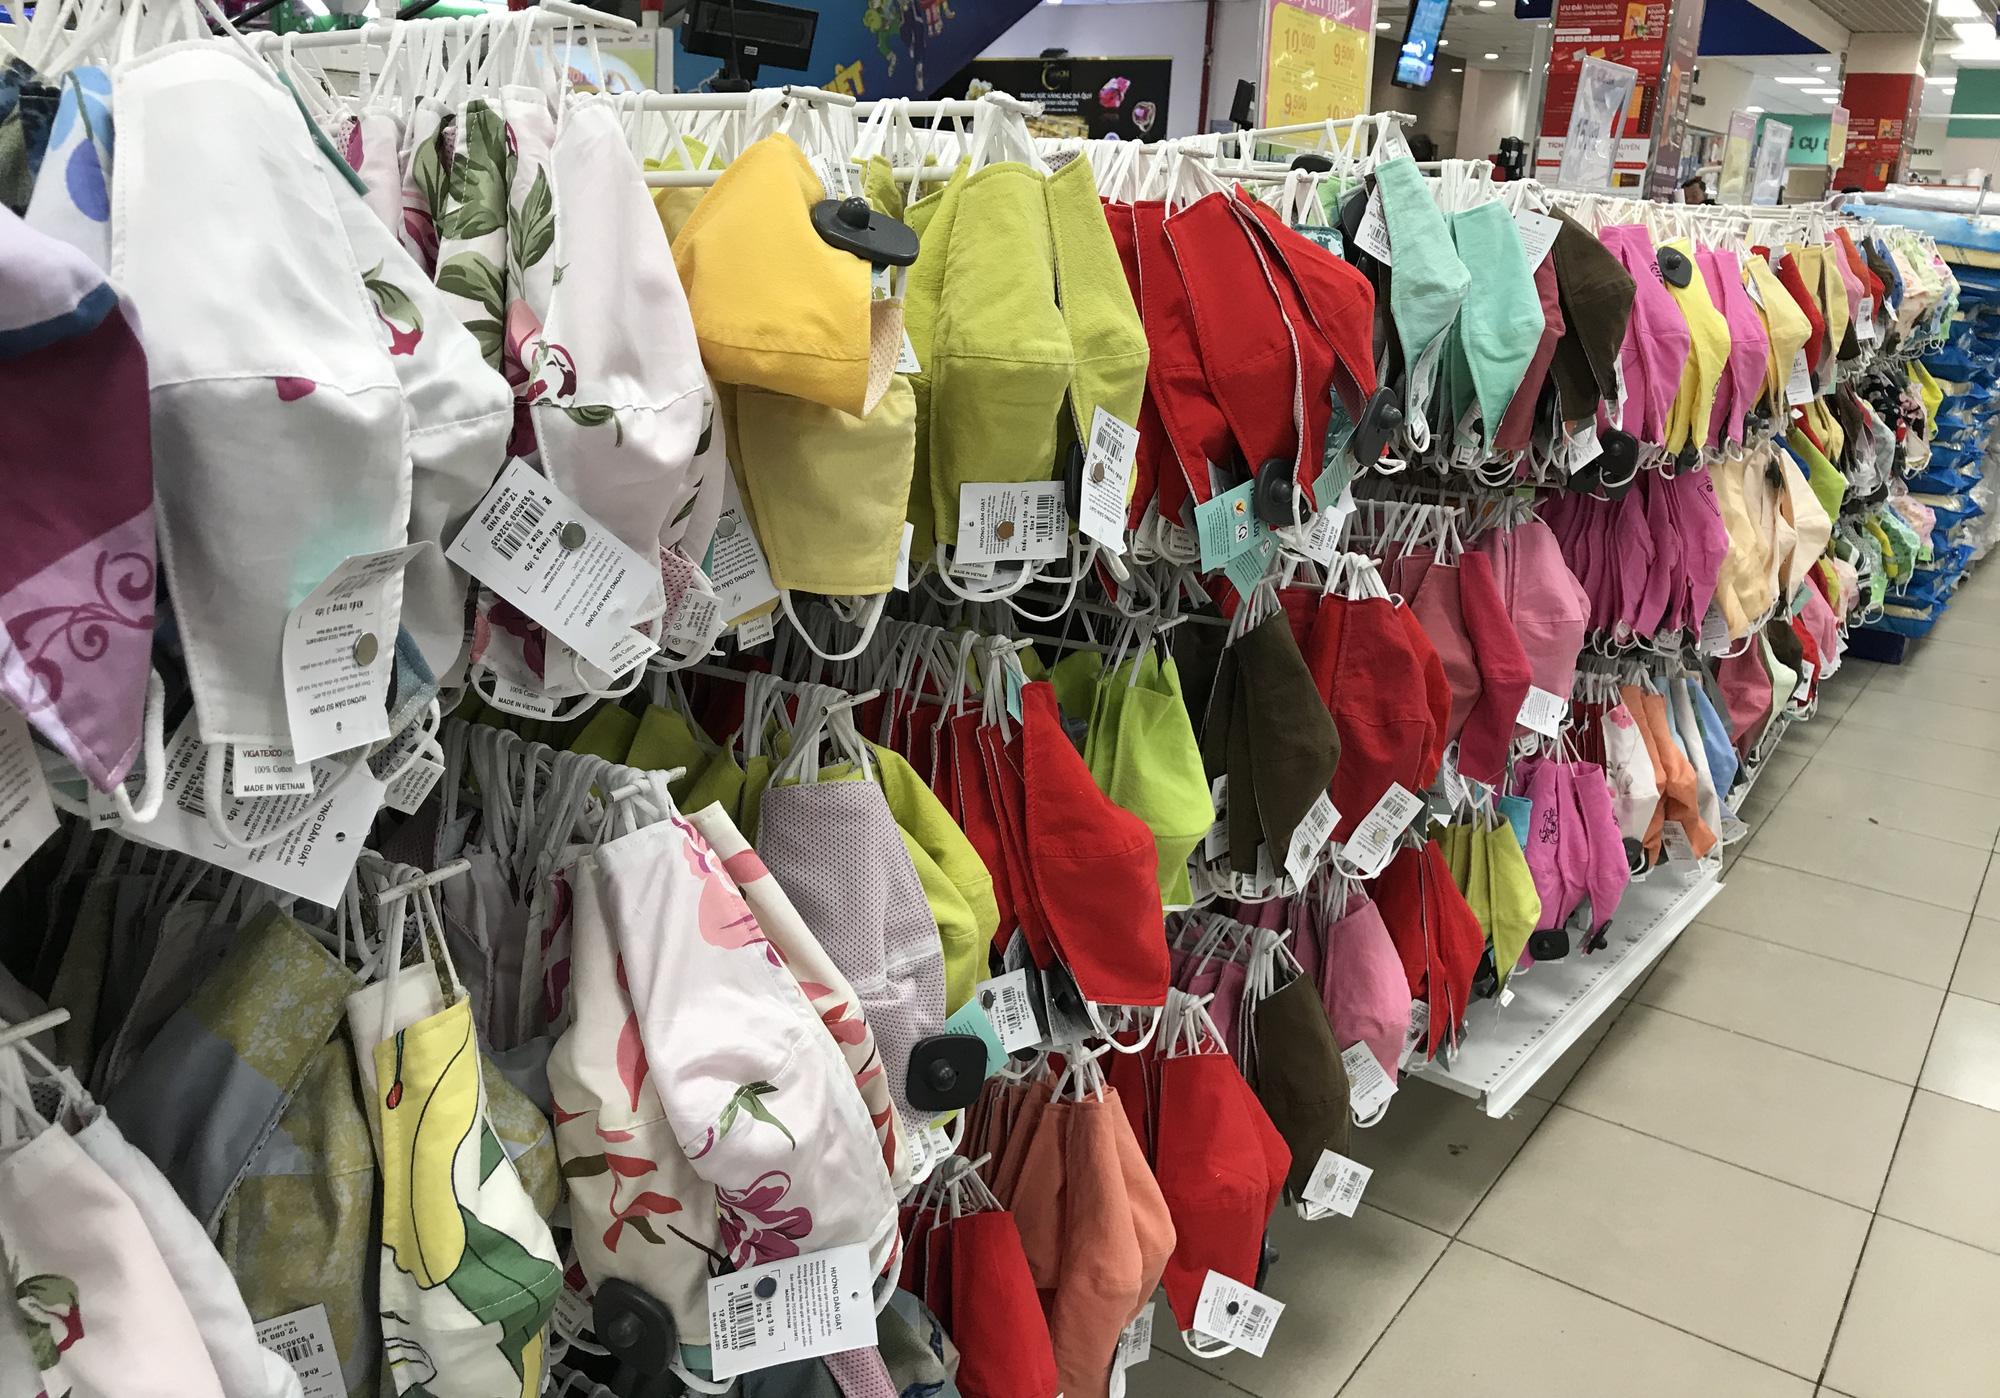 Cận cảnh khẩu trang kháng khuẩn giặt 30 lần, giá chỉ 9.500 đồng tại Co.opmart, có khách mua 50 chiếc - Ảnh 12.